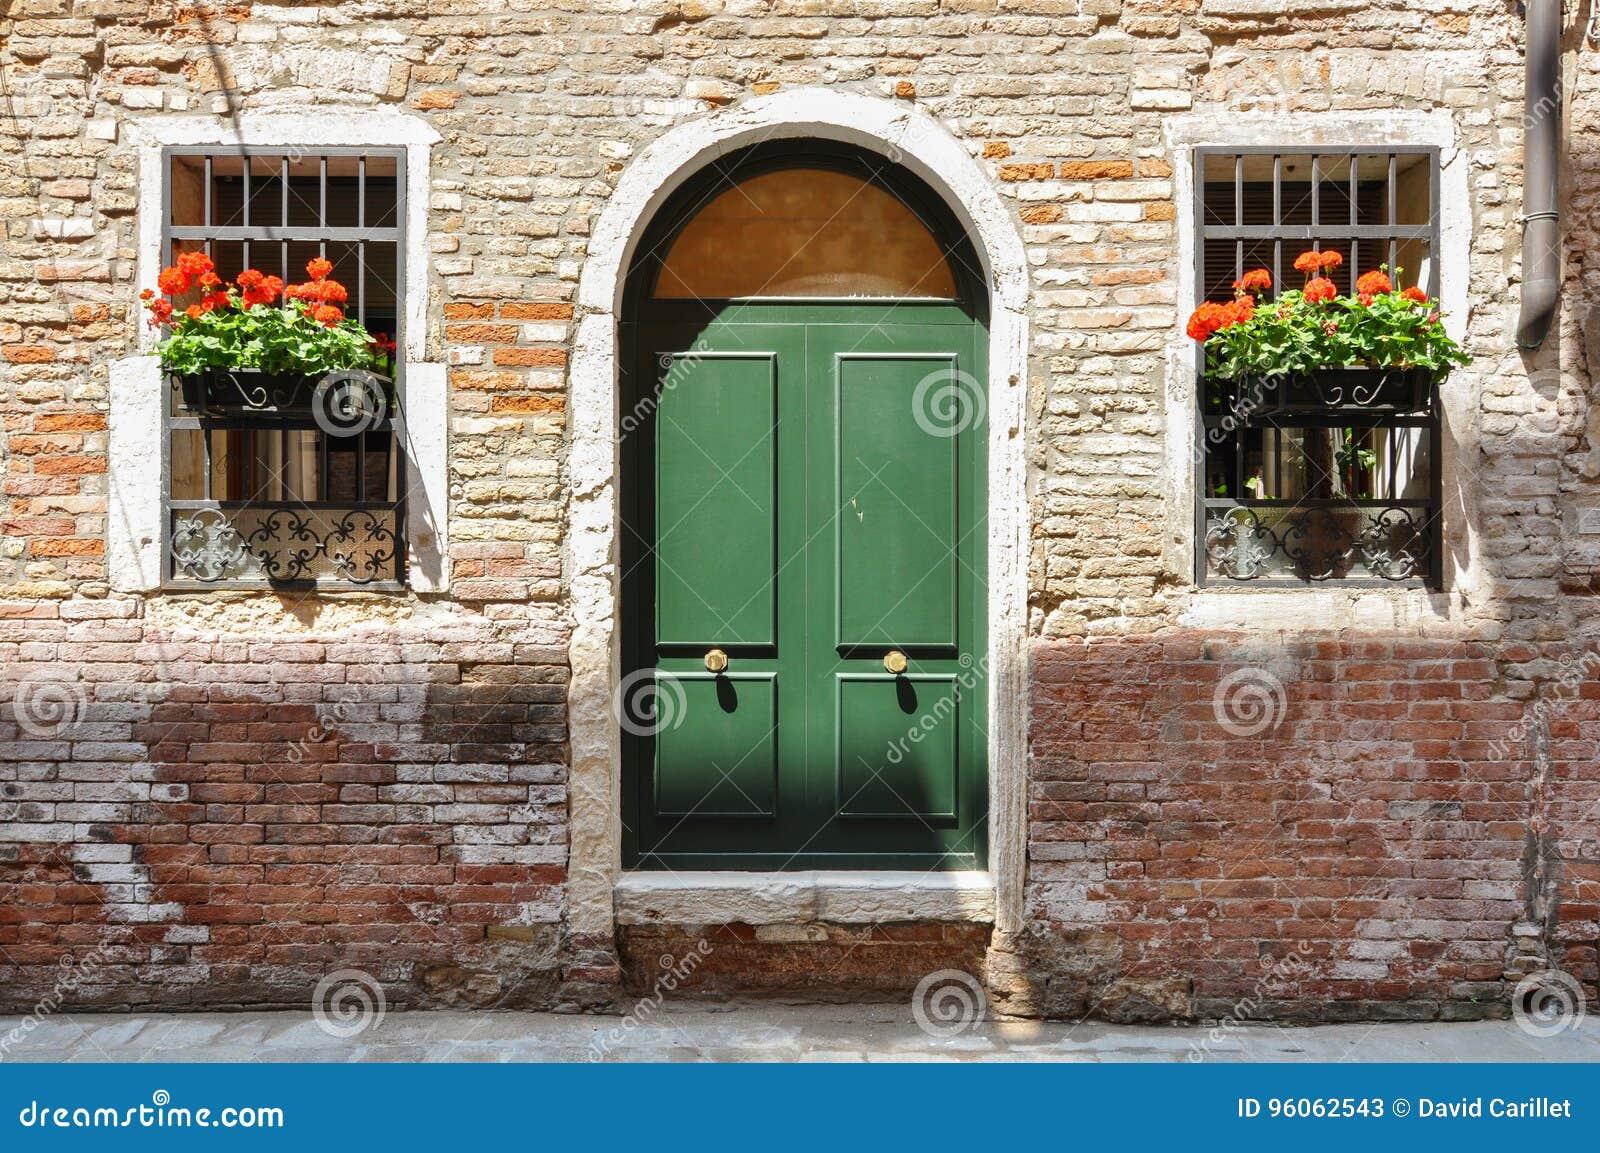 Portes fermées sur une maison traditionnelle très vieille de brique à Venise, Italie